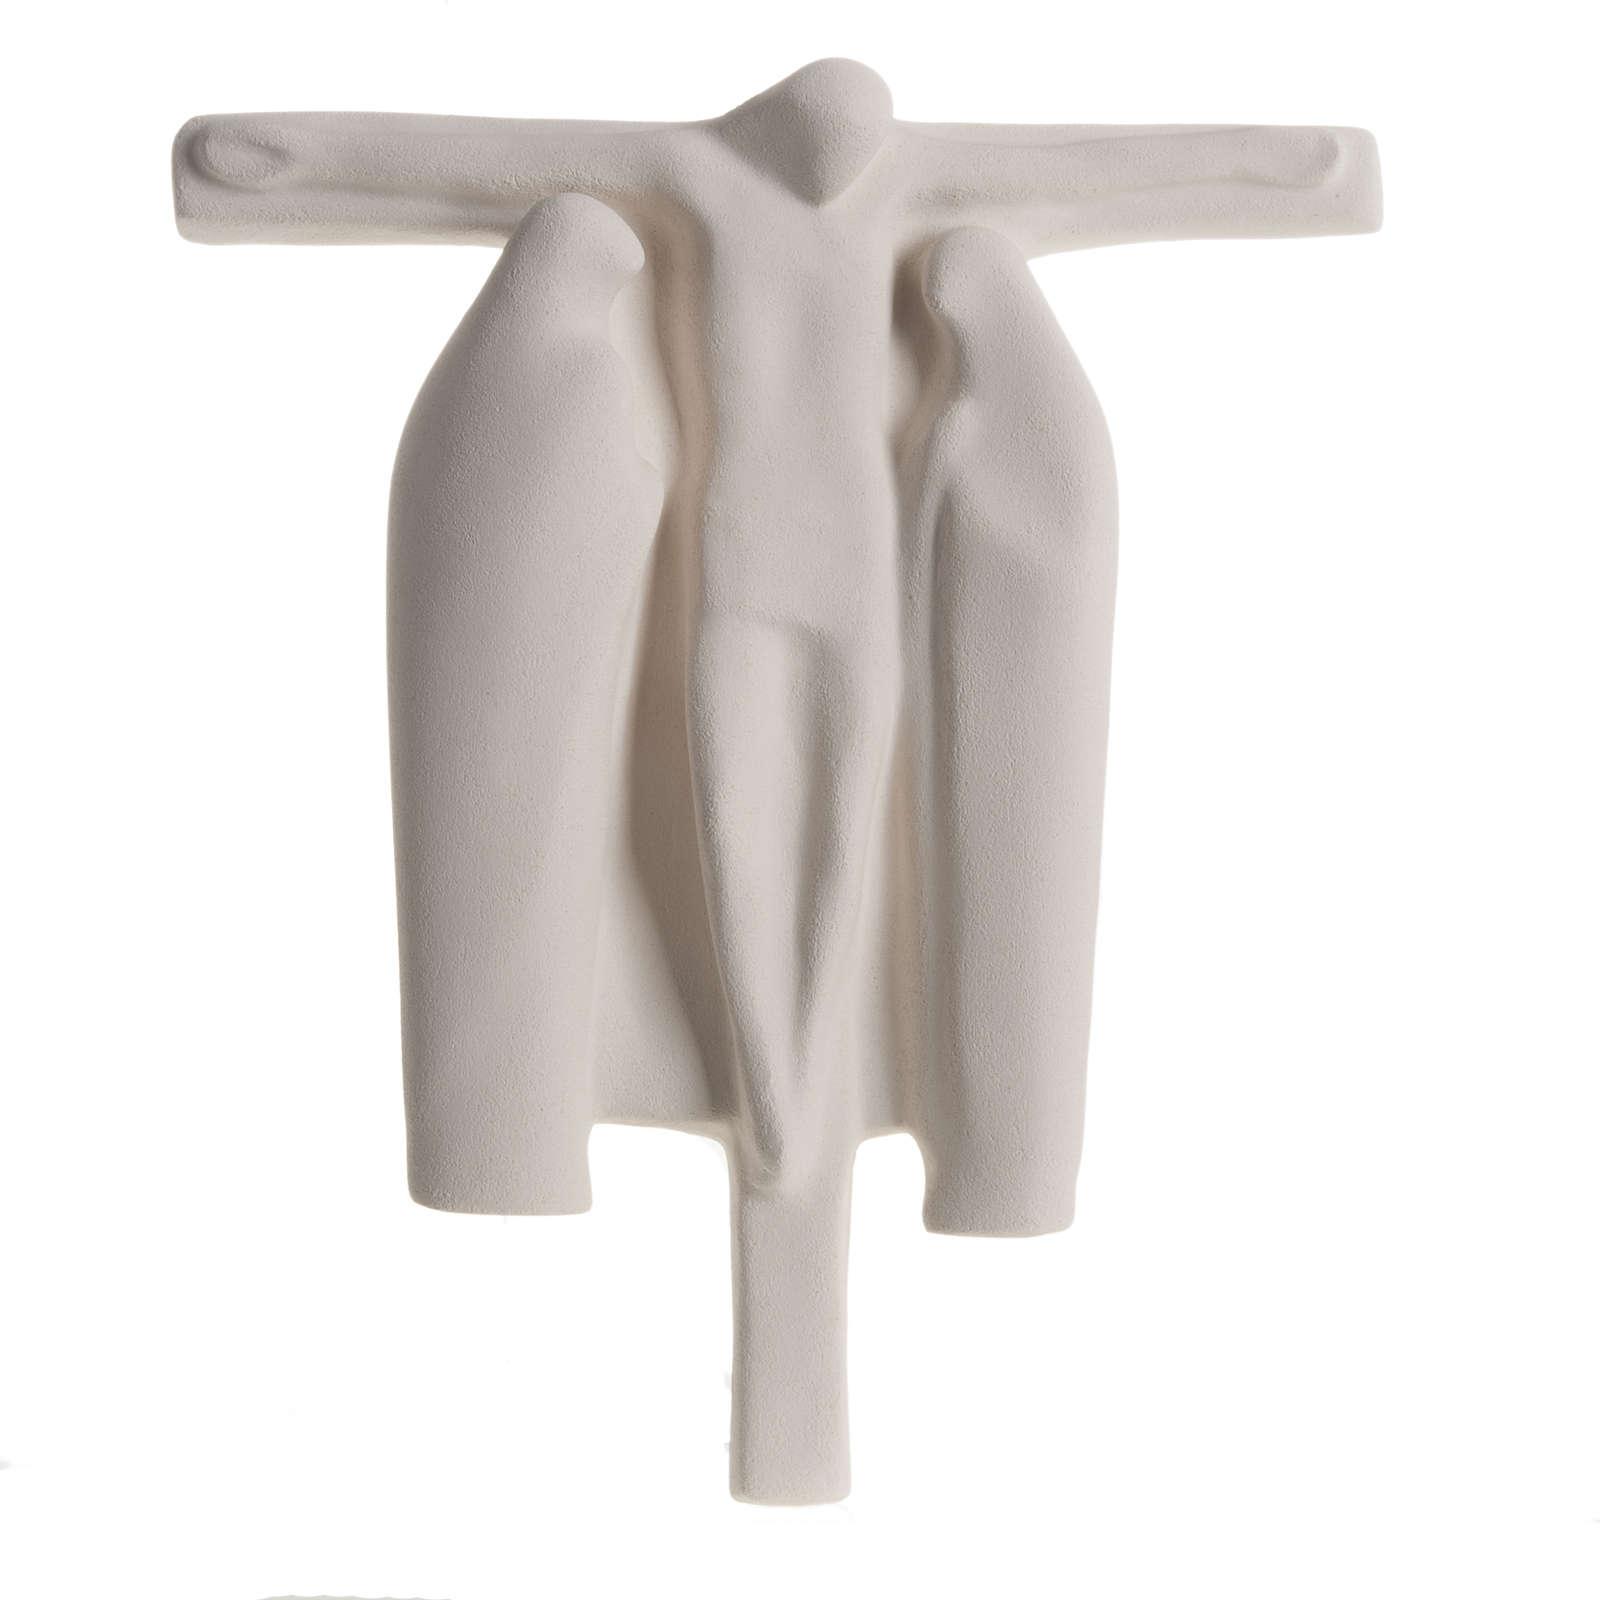 Ukrzyżowanie płaskorzeźba stylizowana szamot biały 4